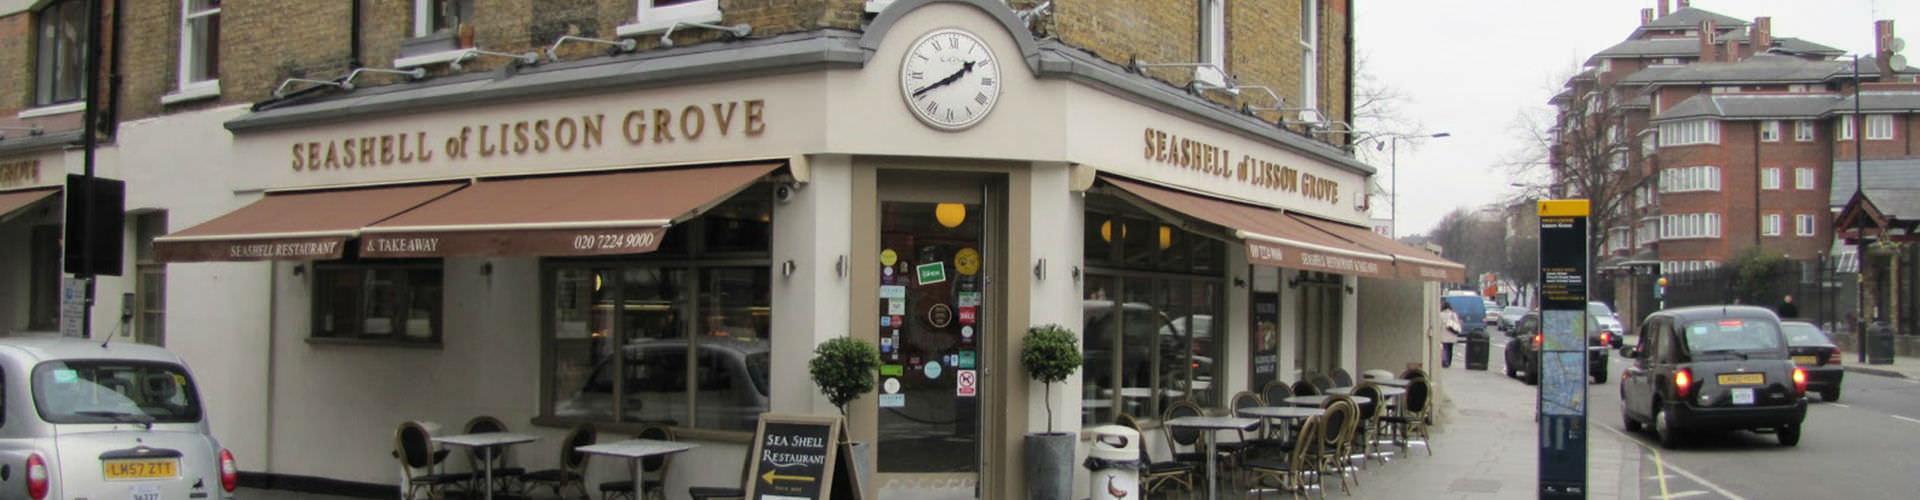 런던 - Lisson Grove 지구의 호스텔. 런던의 지도, 런던에 위치한 호스텔 사진 및 후기 정보.